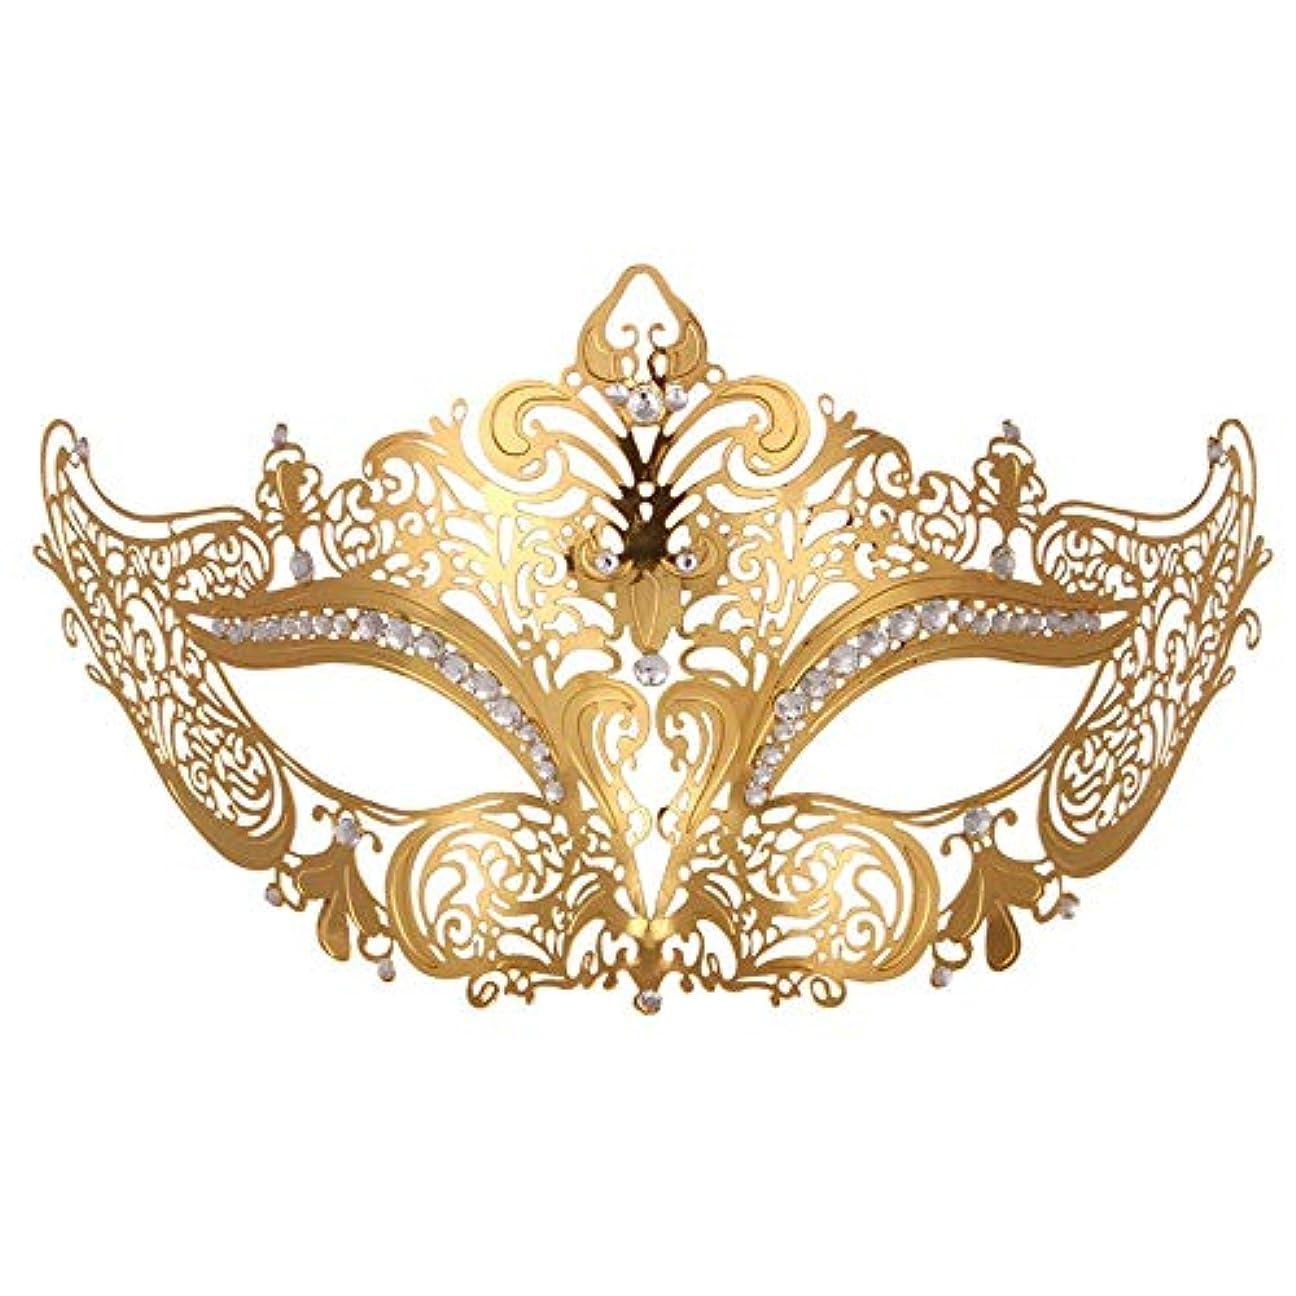 こどもセンターペルー眉をひそめるダンスマスク 高級金メッキ銀マスク仮装小道具ロールプレイングナイトクラブパーティーマスク ホリデーパーティー用品 (色 : ゴールド, サイズ : Universal)